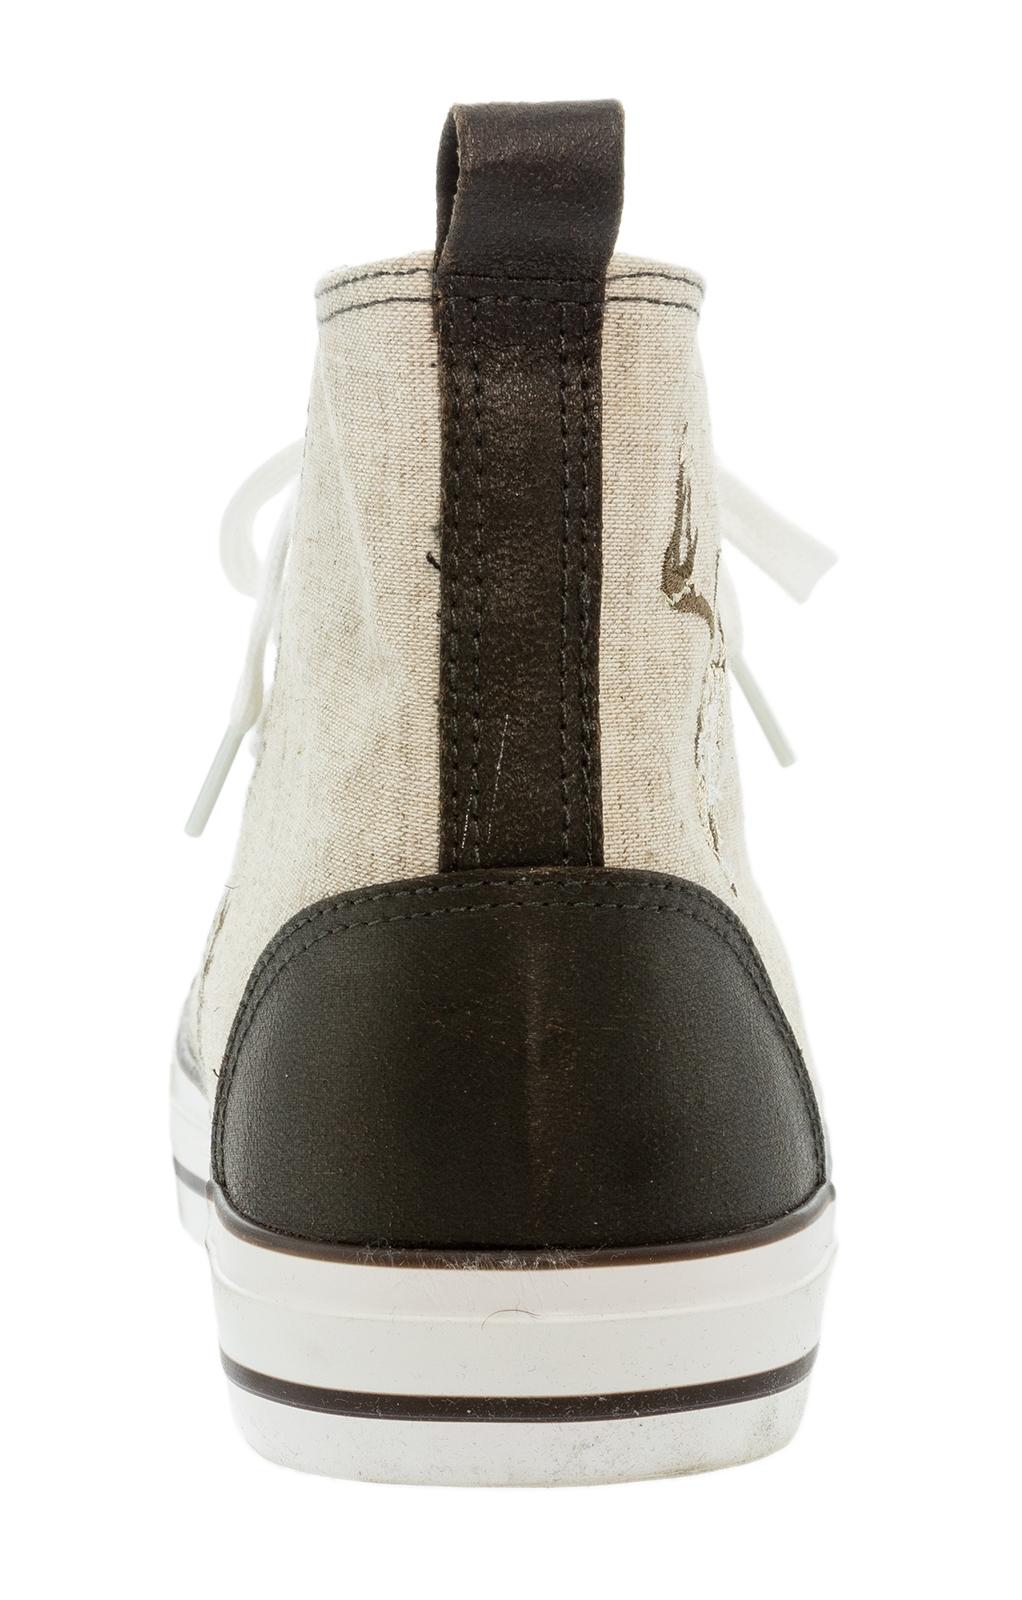 weitere Bilder von German traditional shoes 9653-15 nature